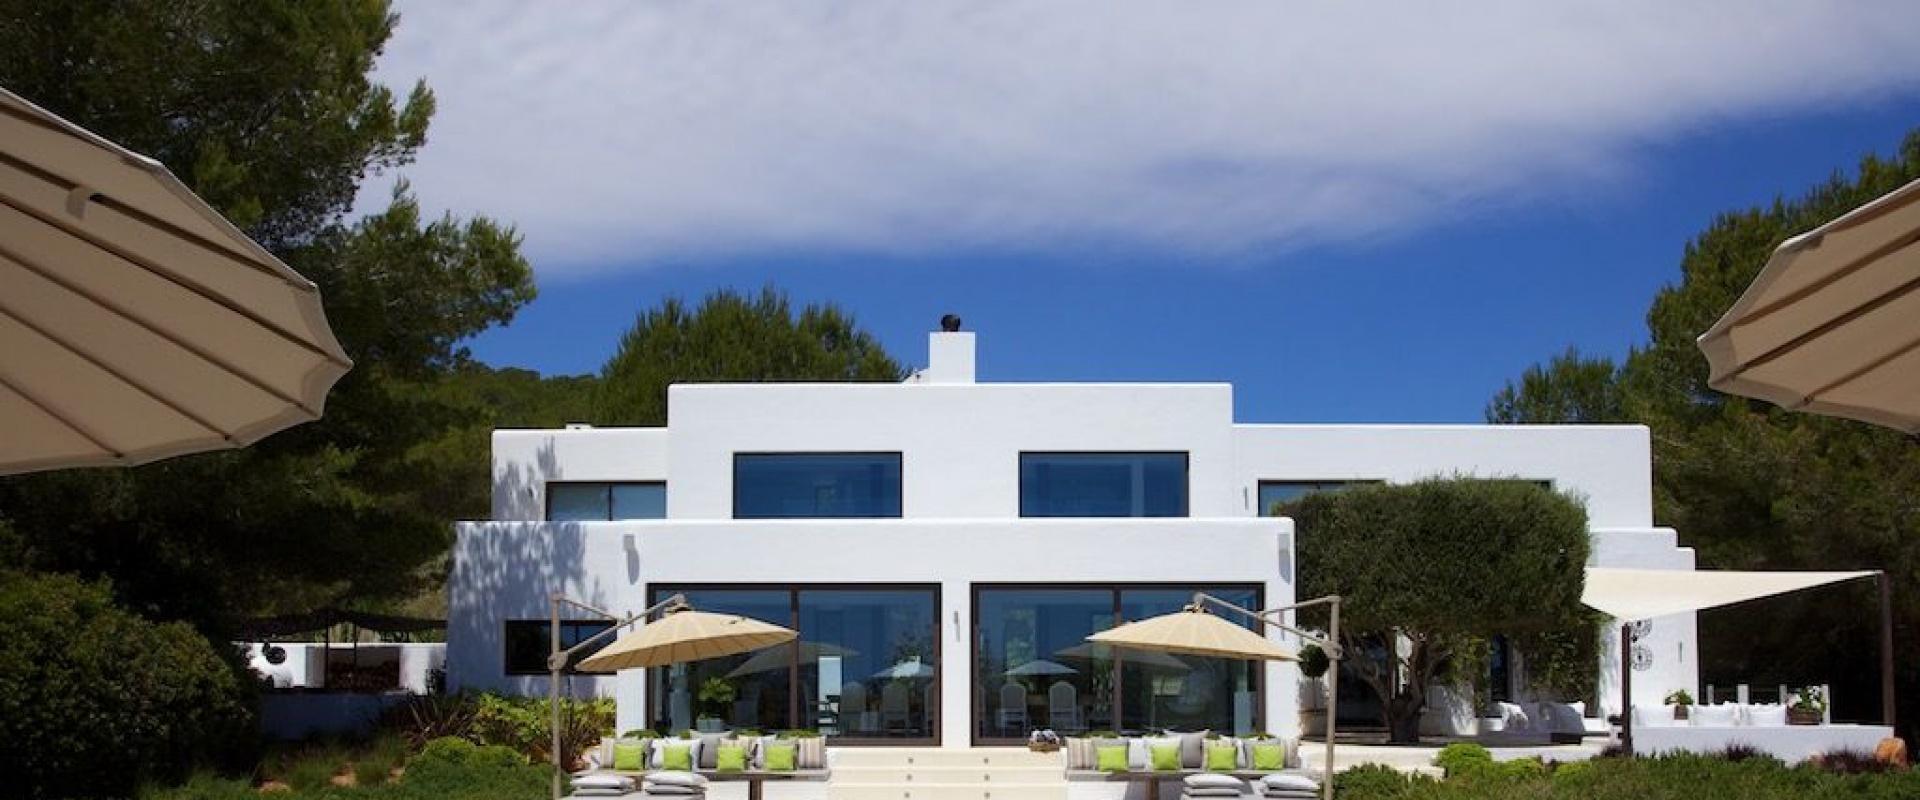 Villa Can Rio, 6 bedroom luxury villa in Ibiza,  luxury villa between Santa Gertrudis and San Lorenzo, holiday villa, holiday home